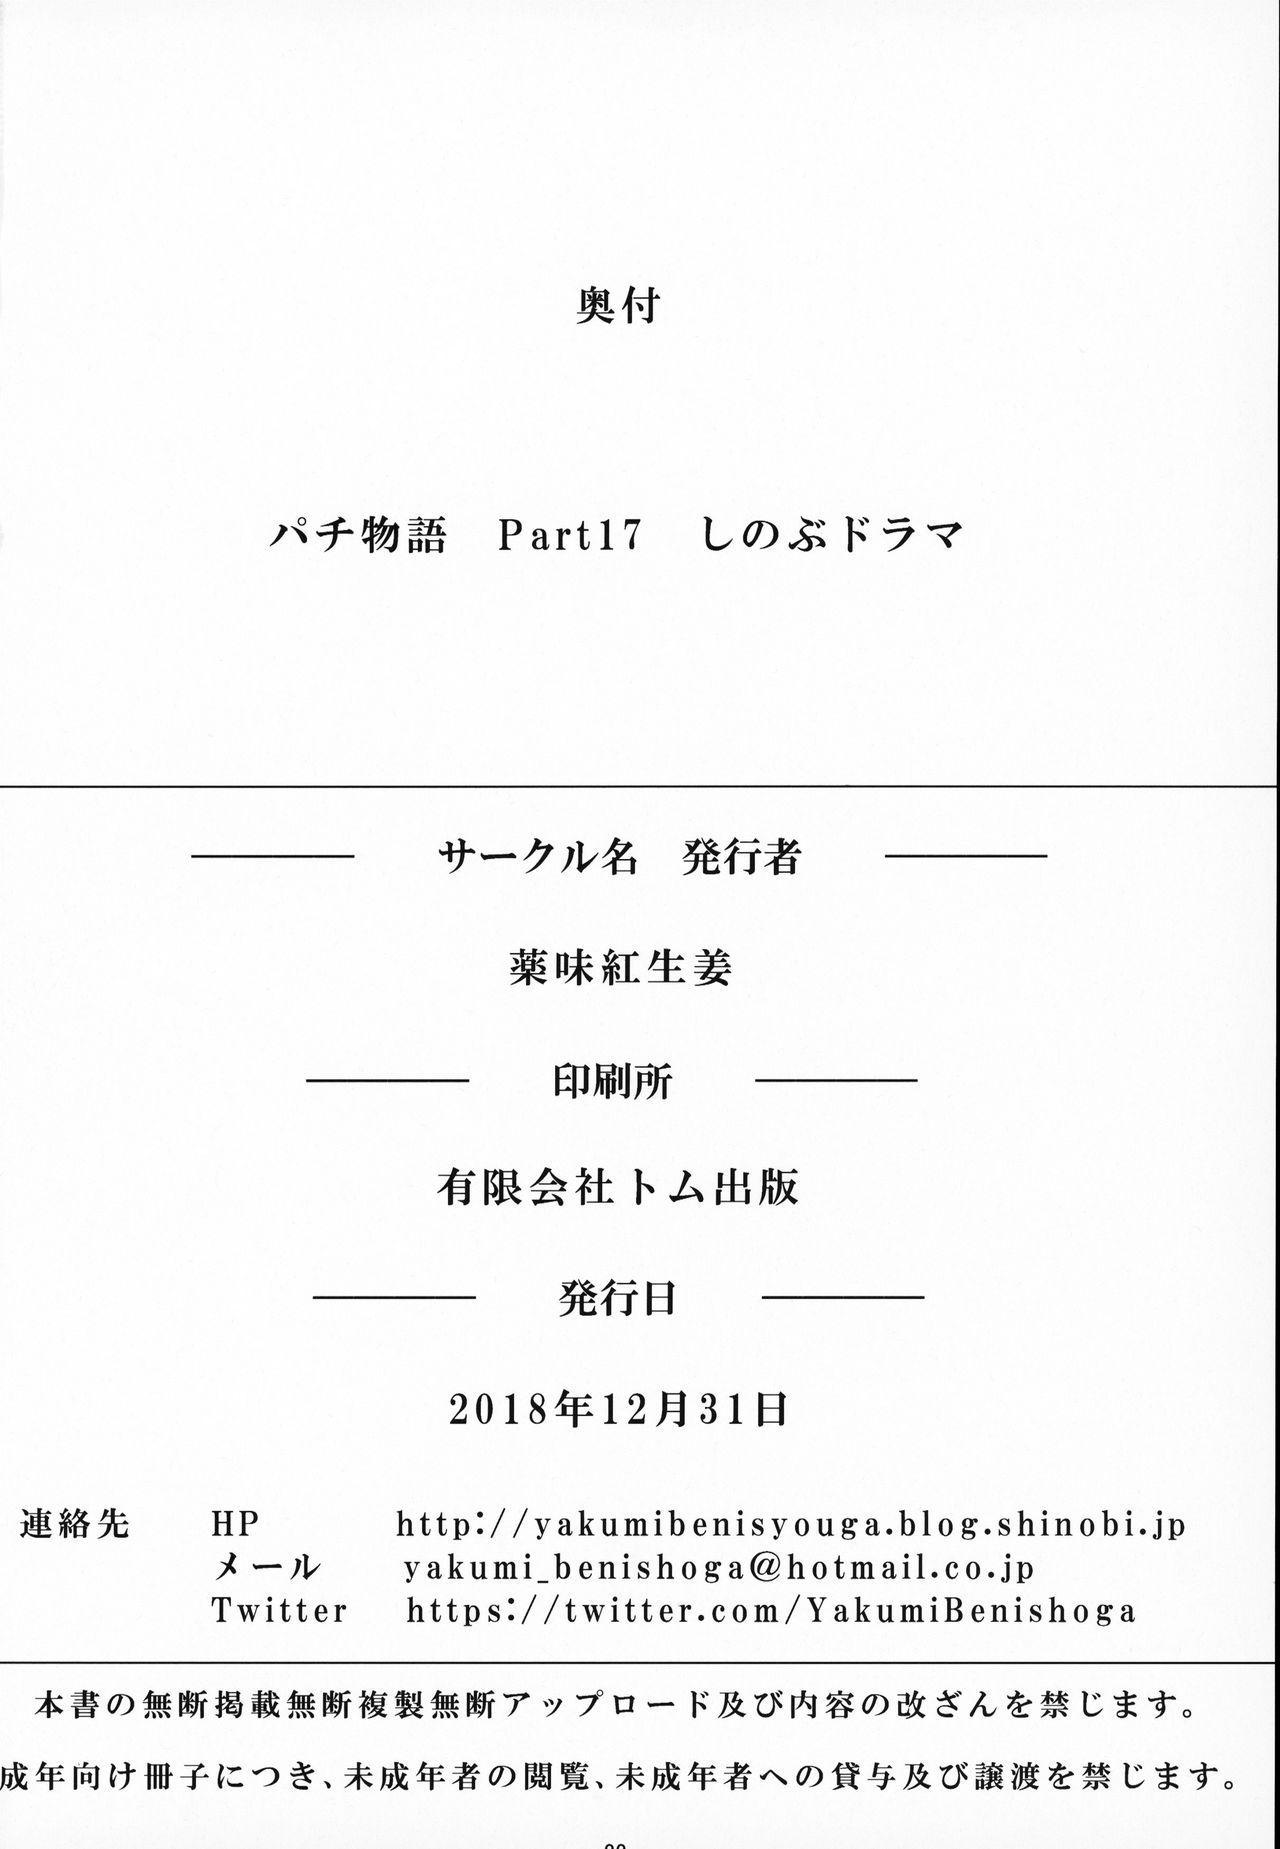 Pachimonogatari Part 17: Shinobu Drama 20